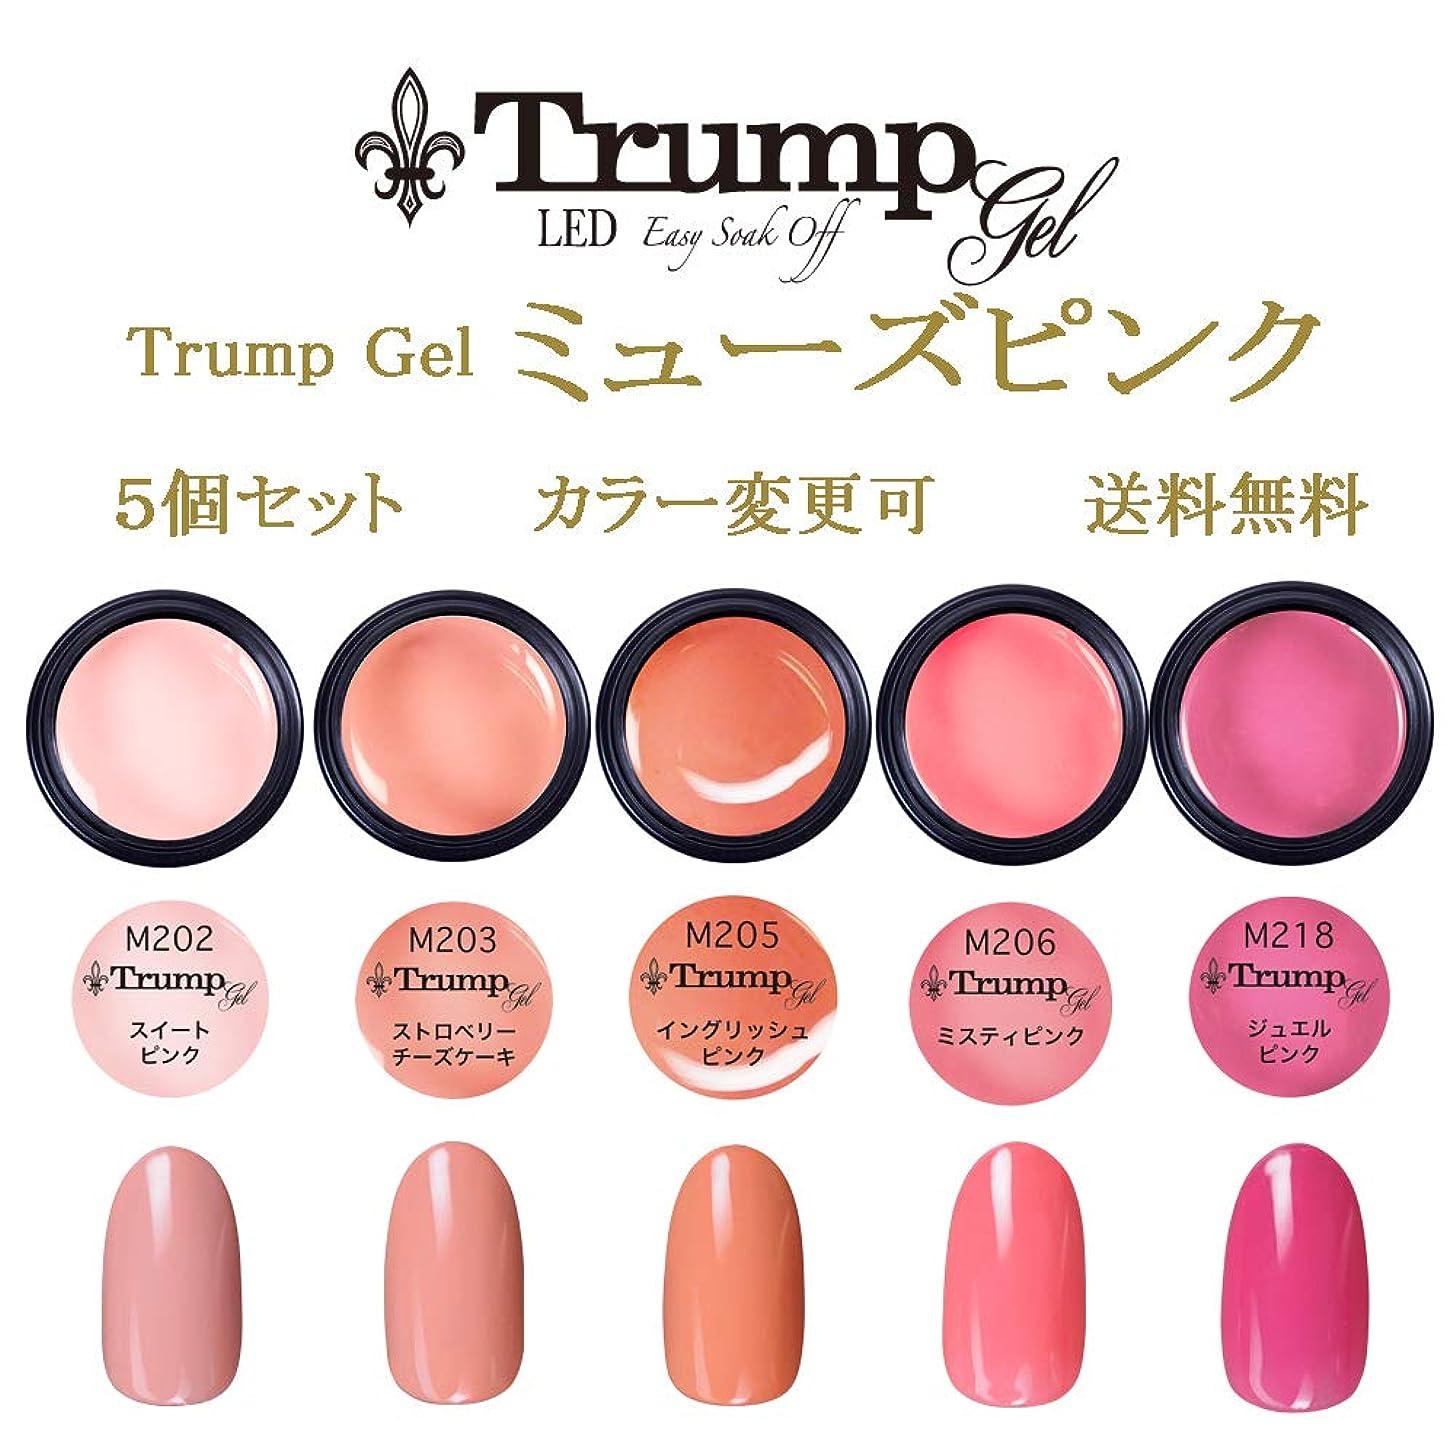 雰囲気弱い主張【送料無料】Trumpミューズピンクカラー選べるカラージェル5個セット